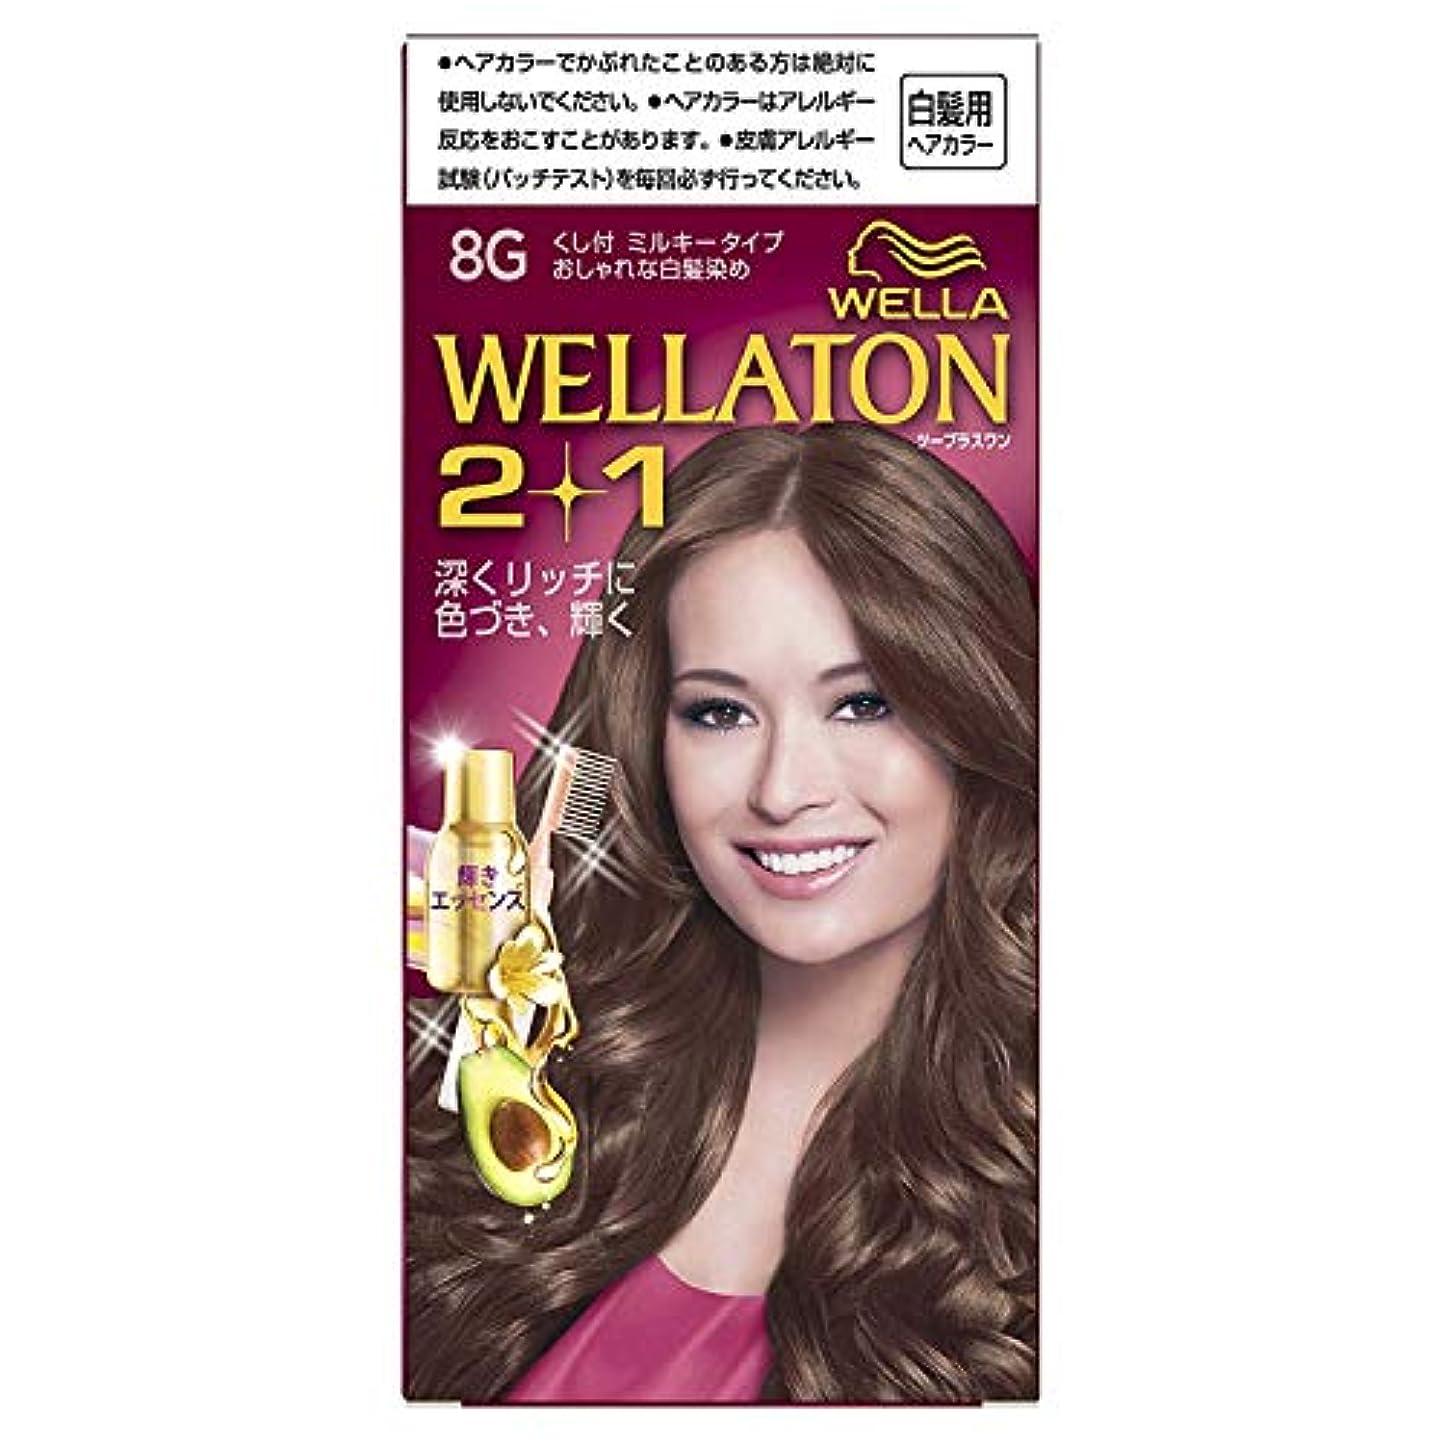 ケーブルライセンス衝突ウエラトーン2+1 白髪染め くし付ミルキータイプ 8G [医薬部外品] ×6個